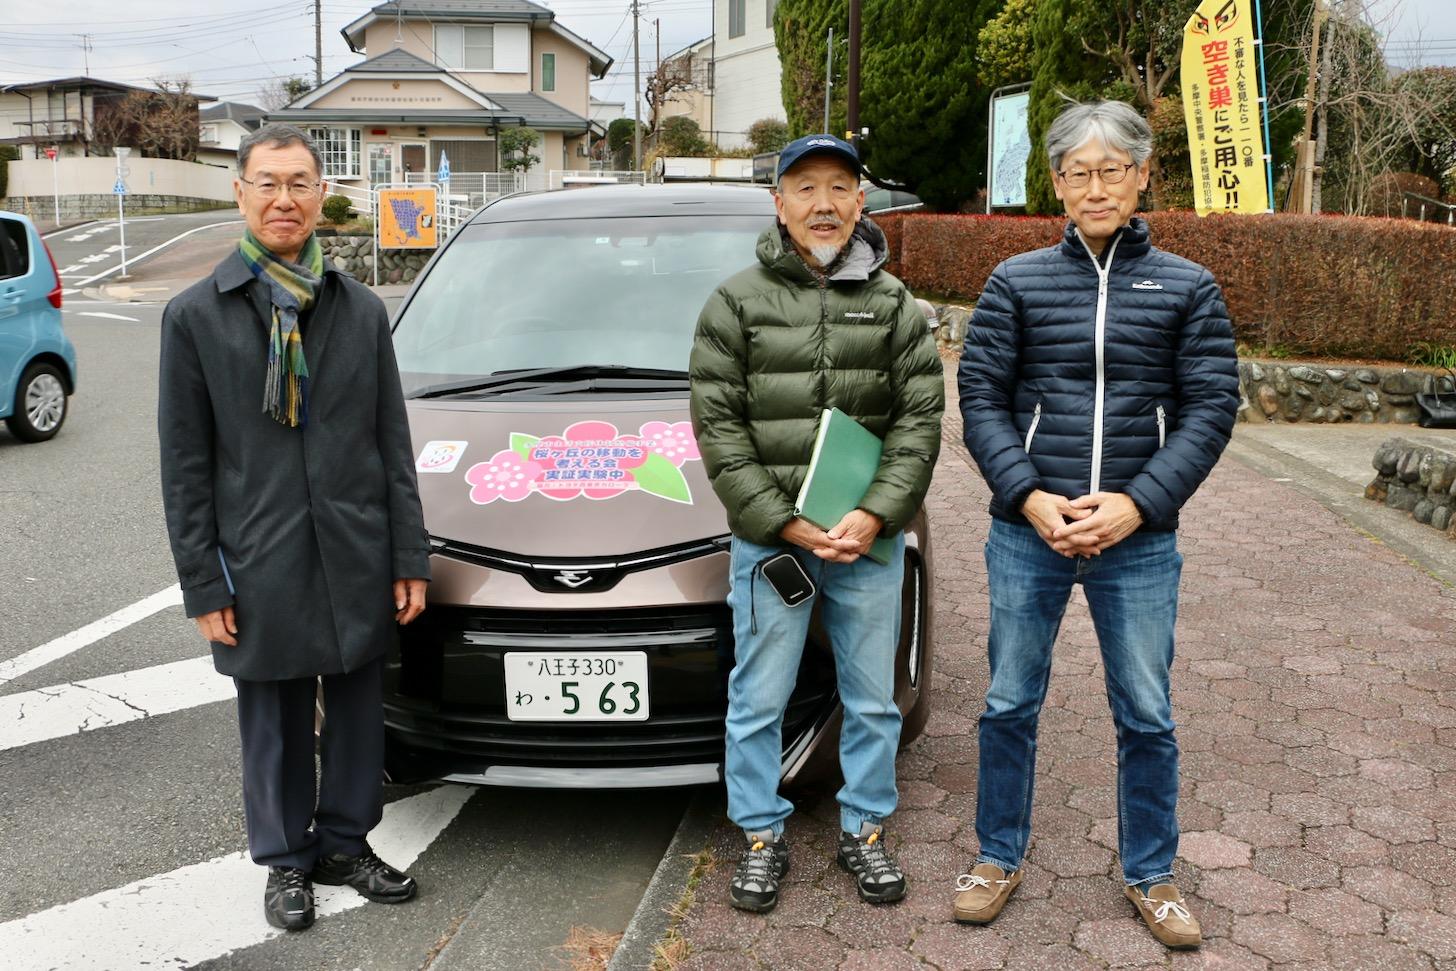 「桜ケ丘の移動を考える会」の井上さん、木村さん、生田さん